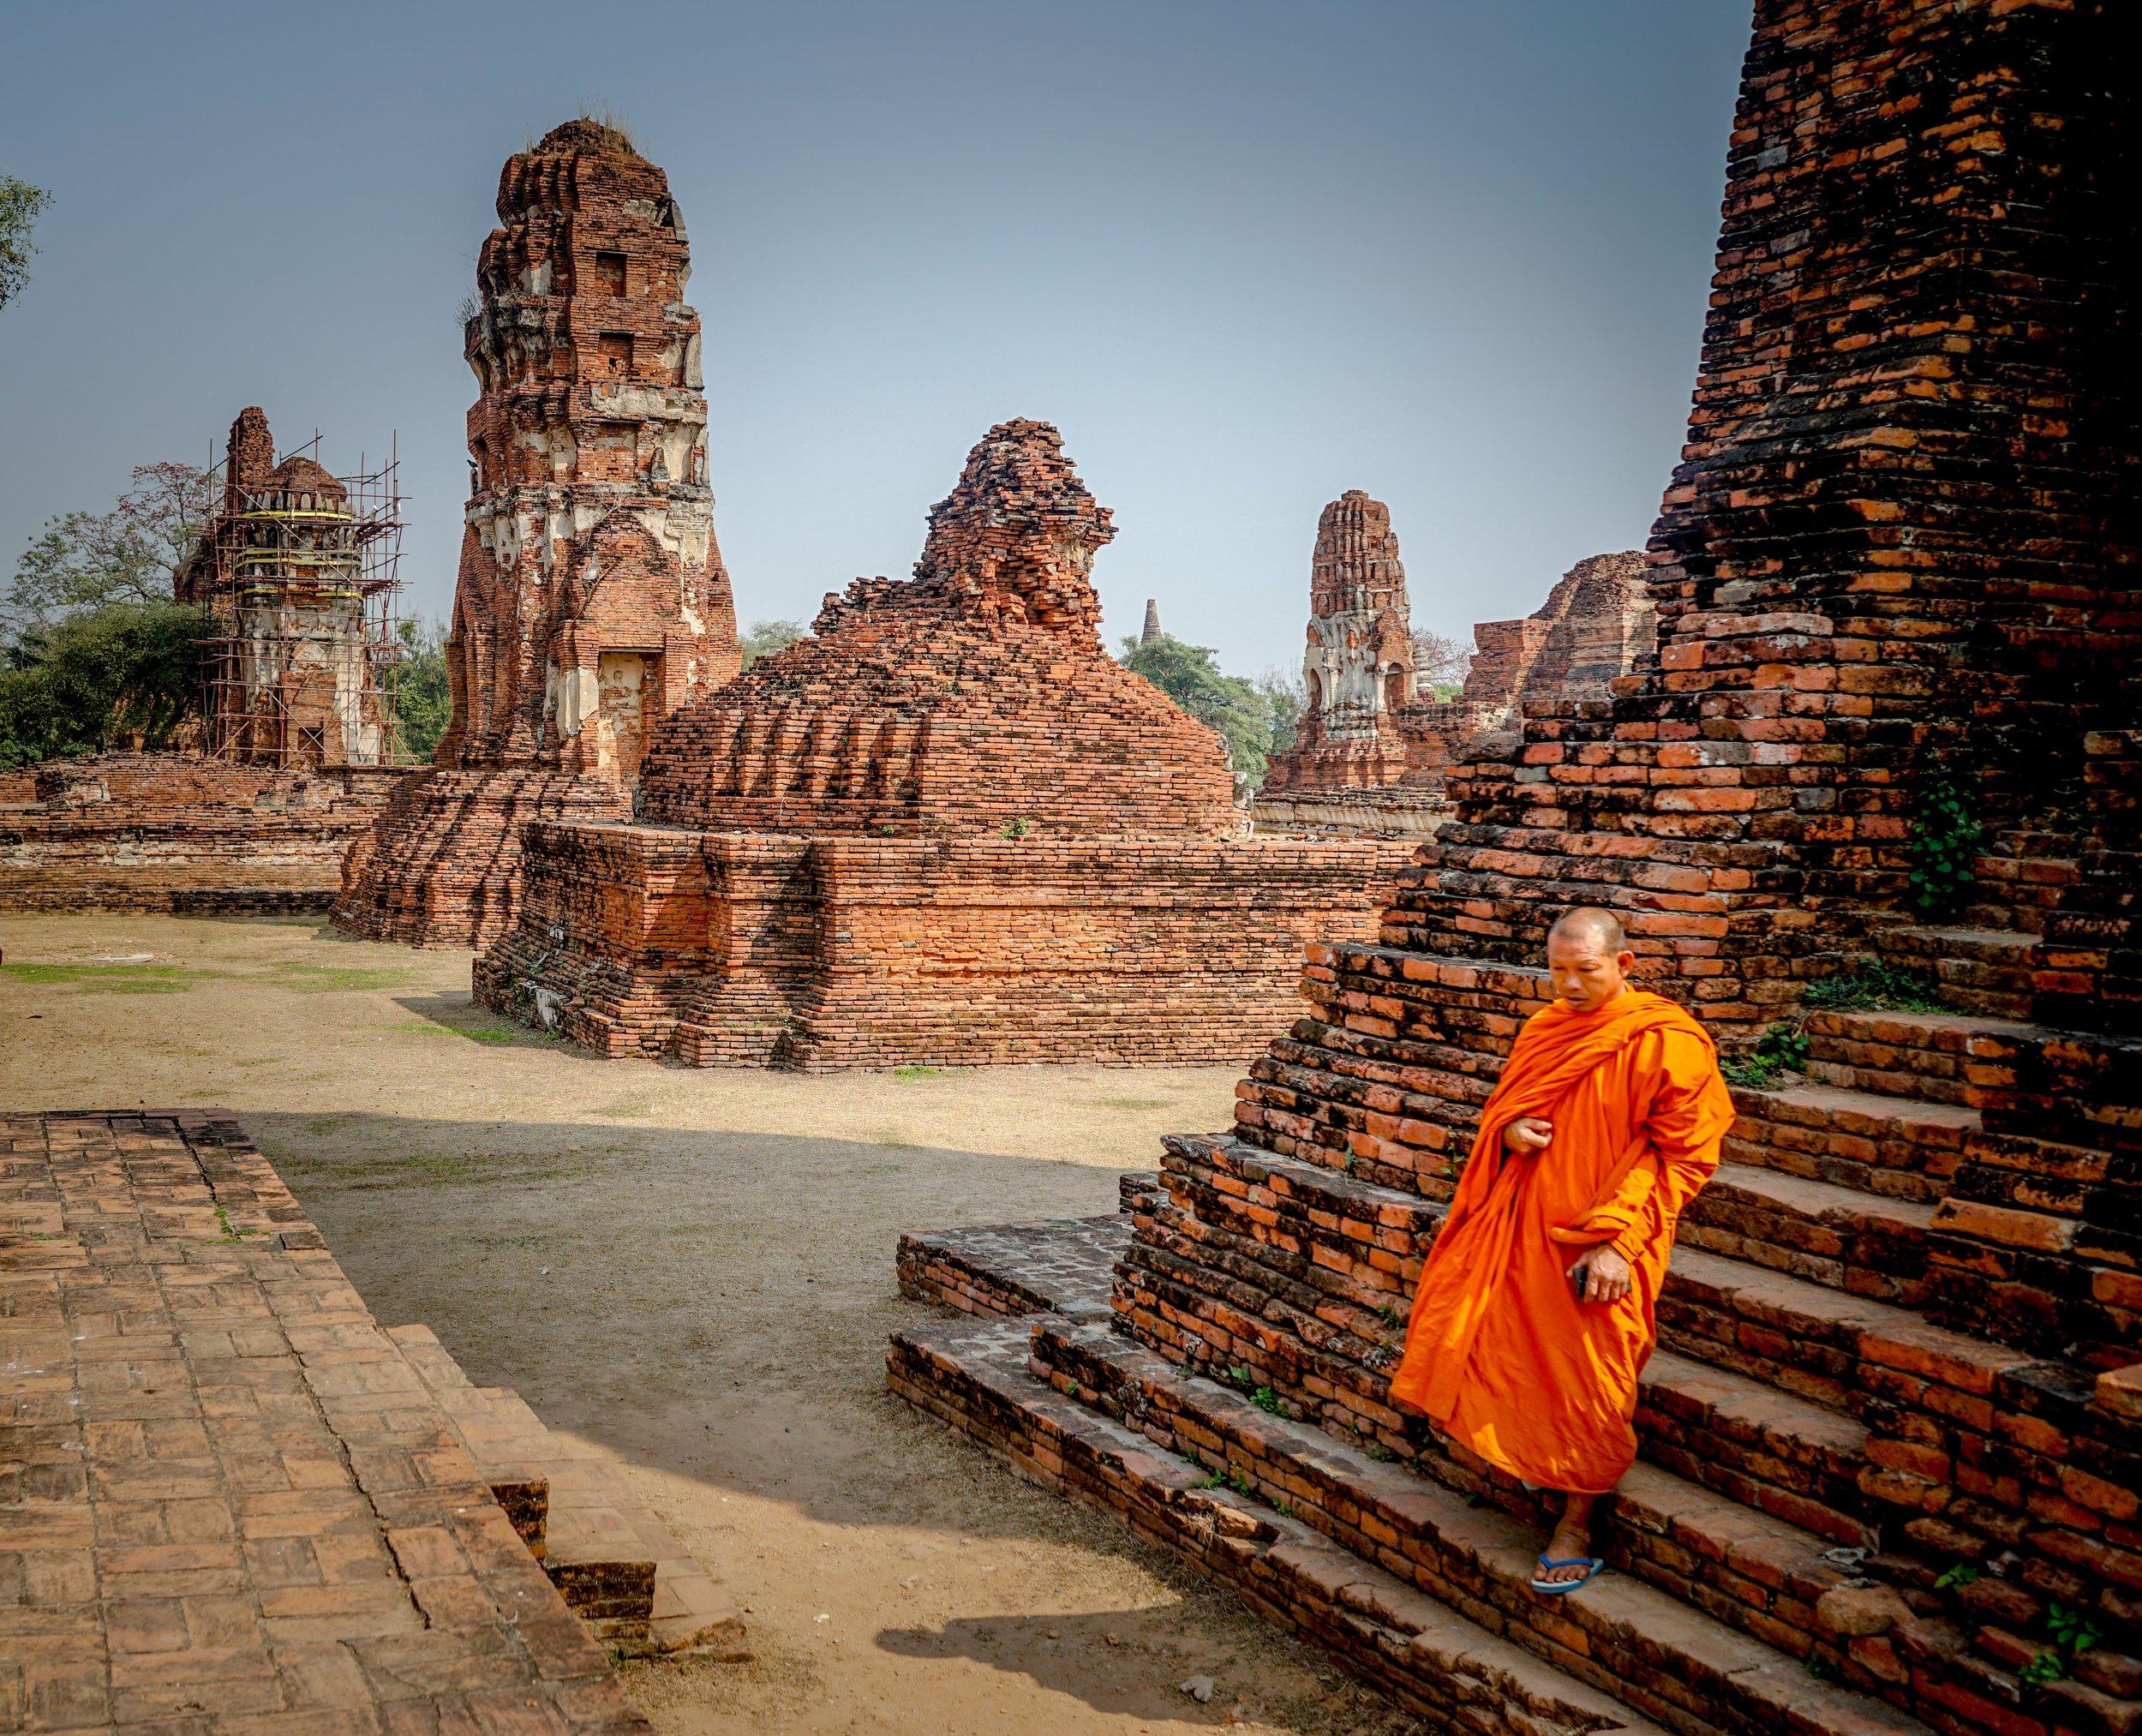 aaron-thomas-605484-unsplash ayutthaya.jpg